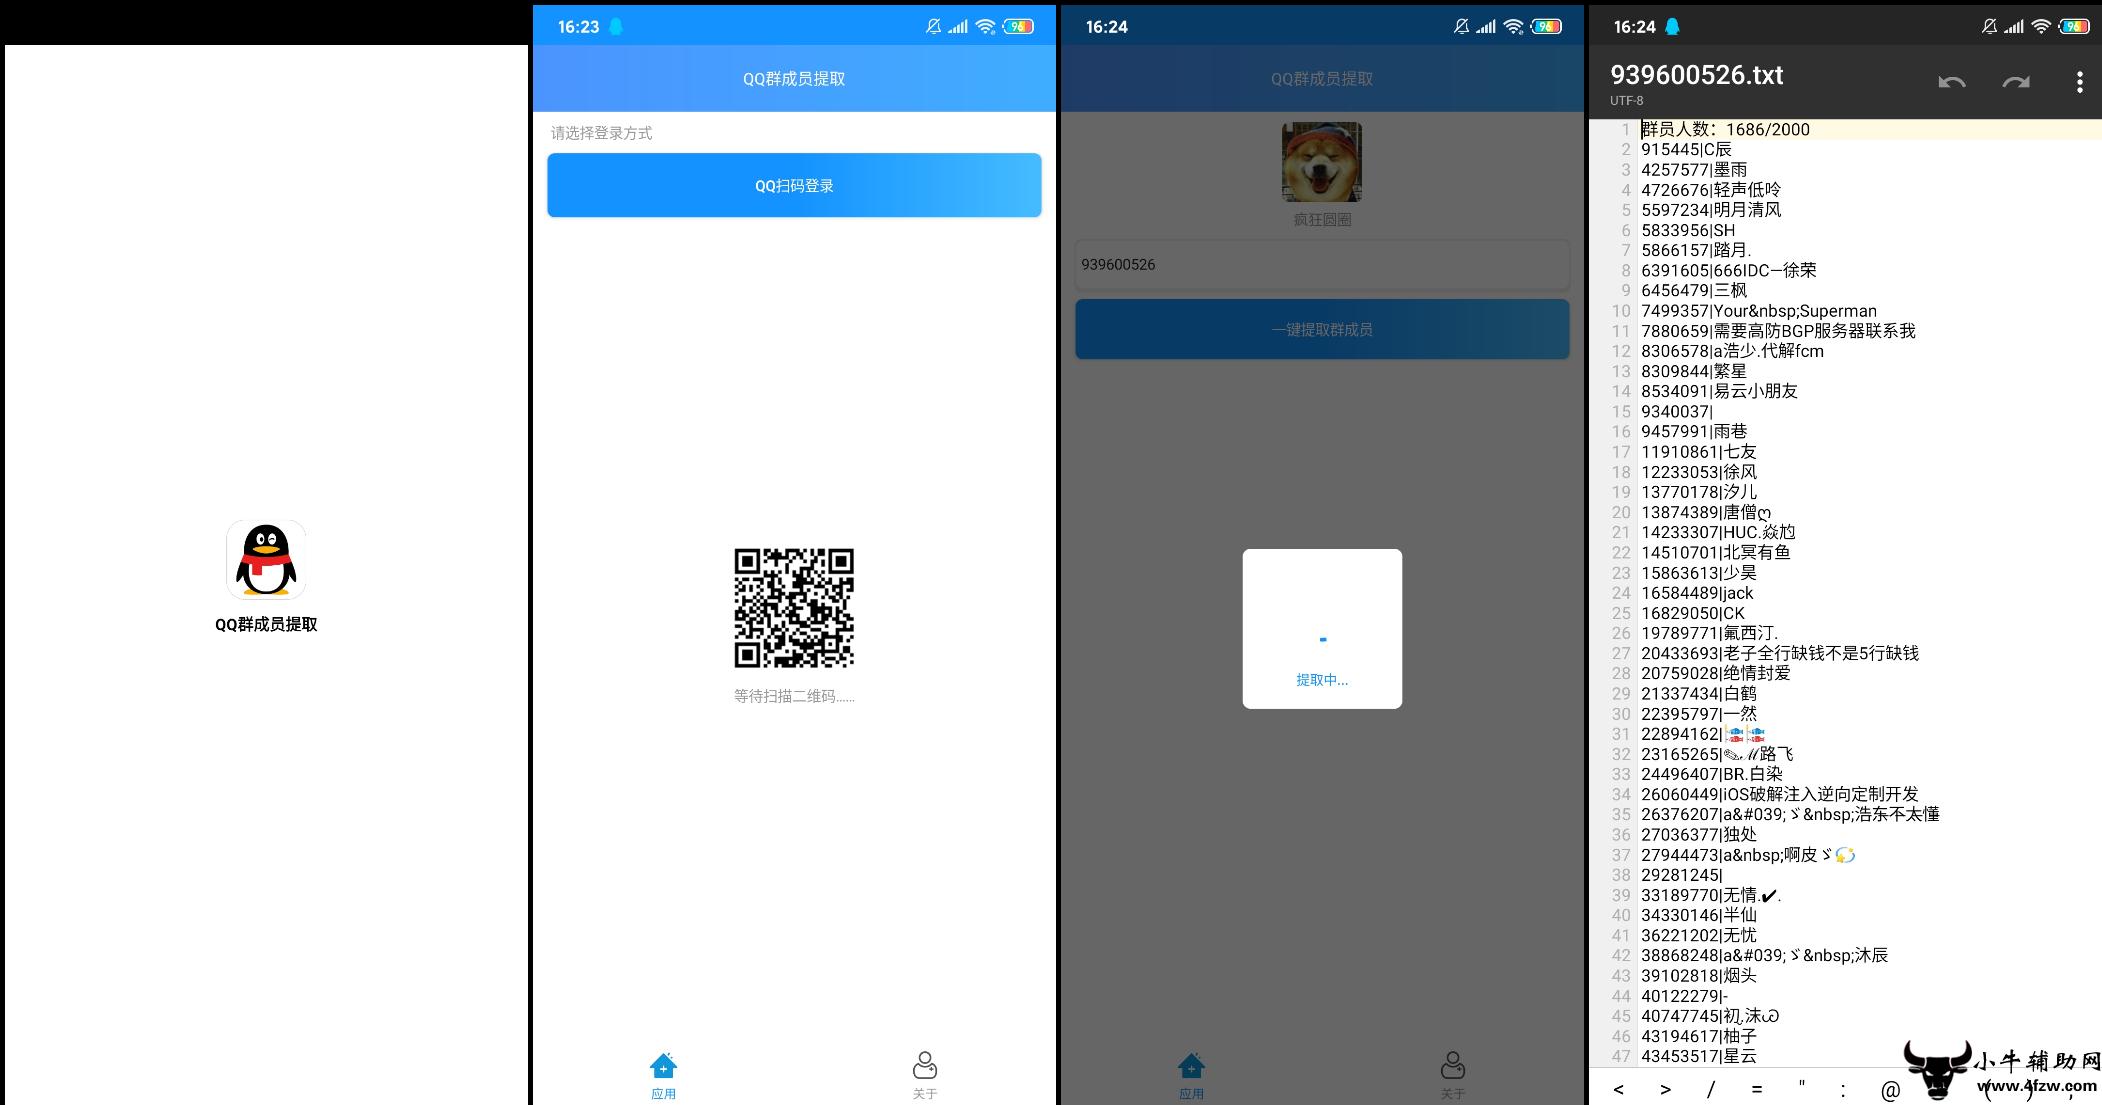 安卓QQ群成员提取器 输入群即可提取